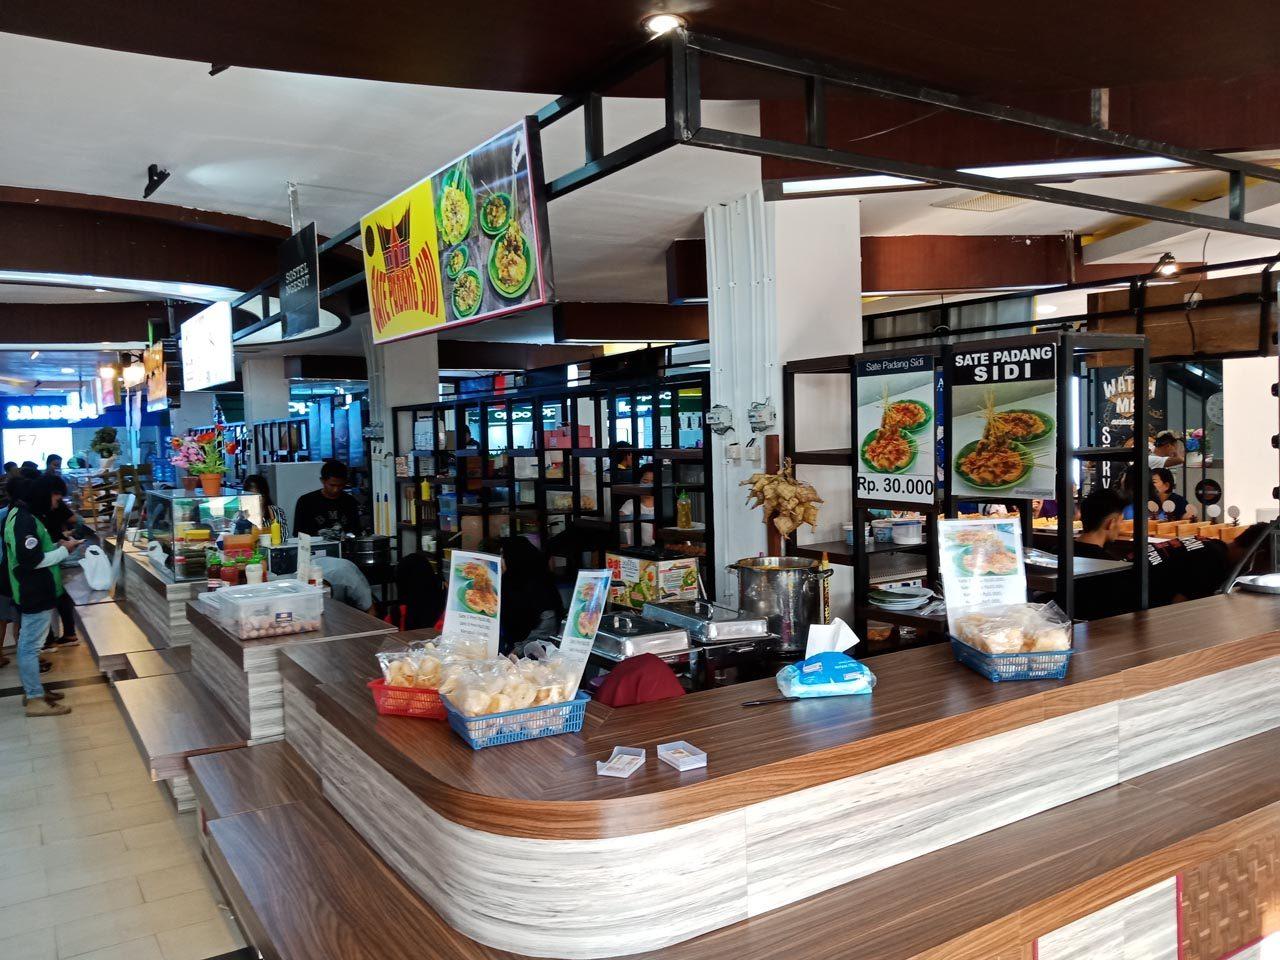 Lotus Food Hall - tempat makan enak di bandar lampung - yopie pangkey - 1